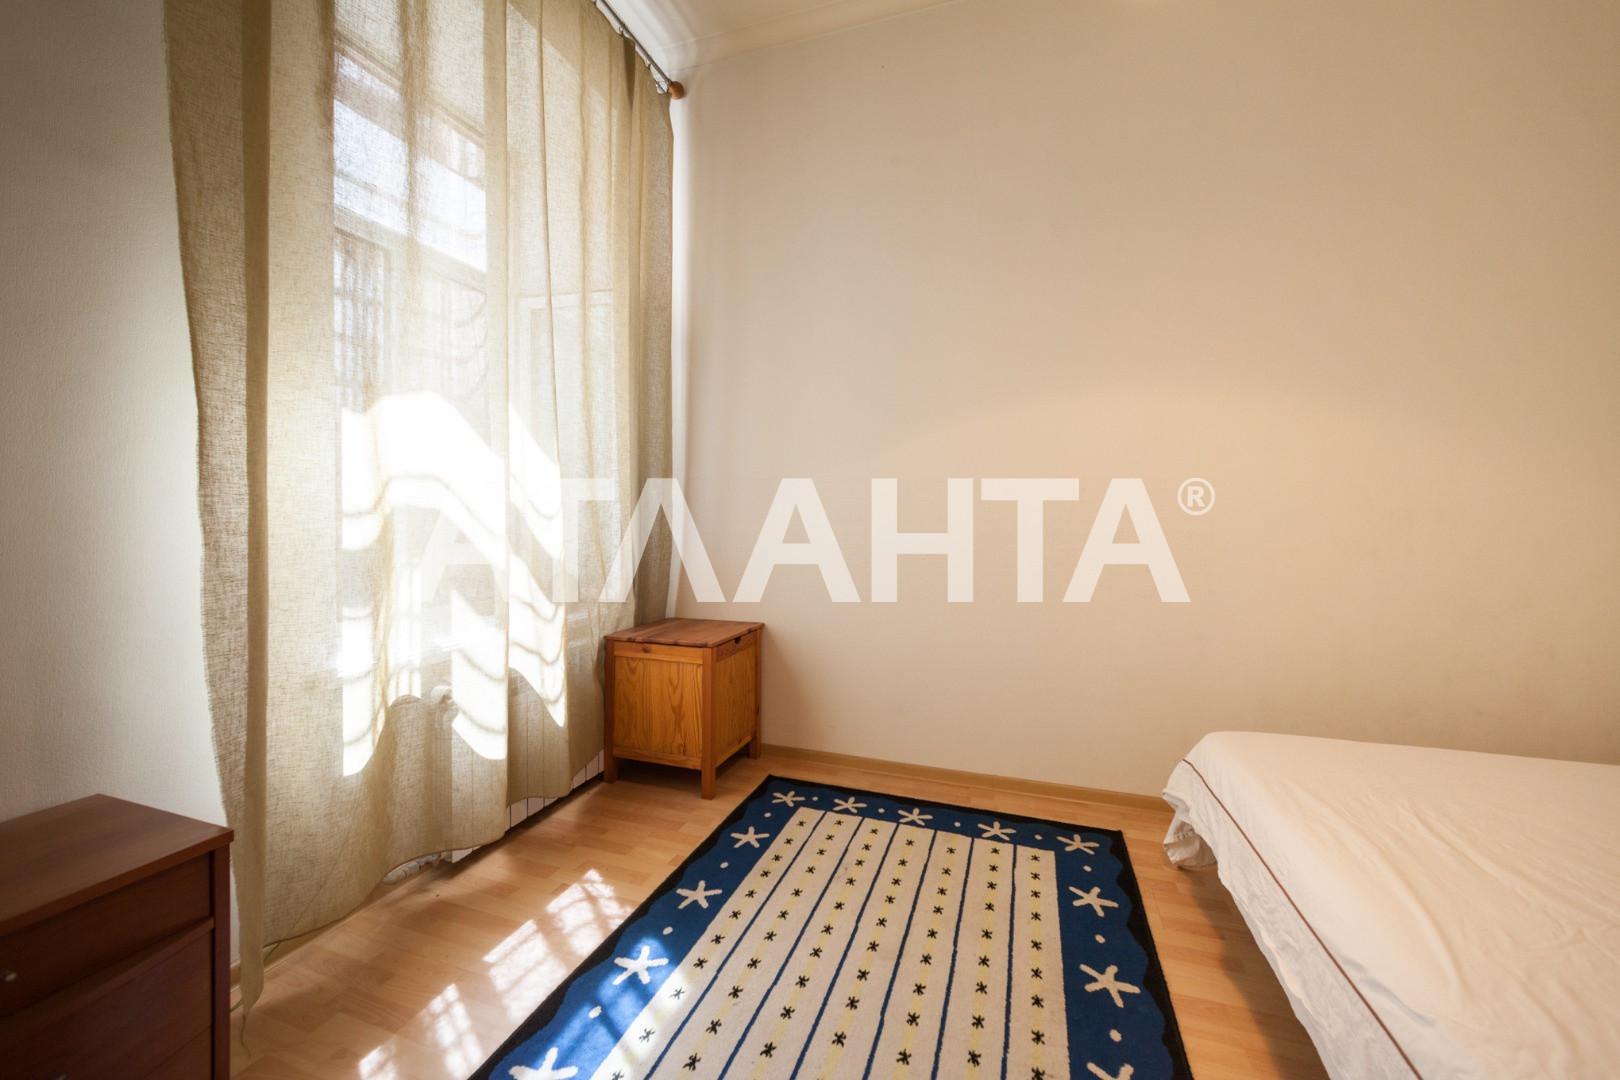 Продается 3-комнатная Квартира на ул. Военный Сп. (Жанны Лябурб Сп.) — 95 000 у.е. (фото №6)